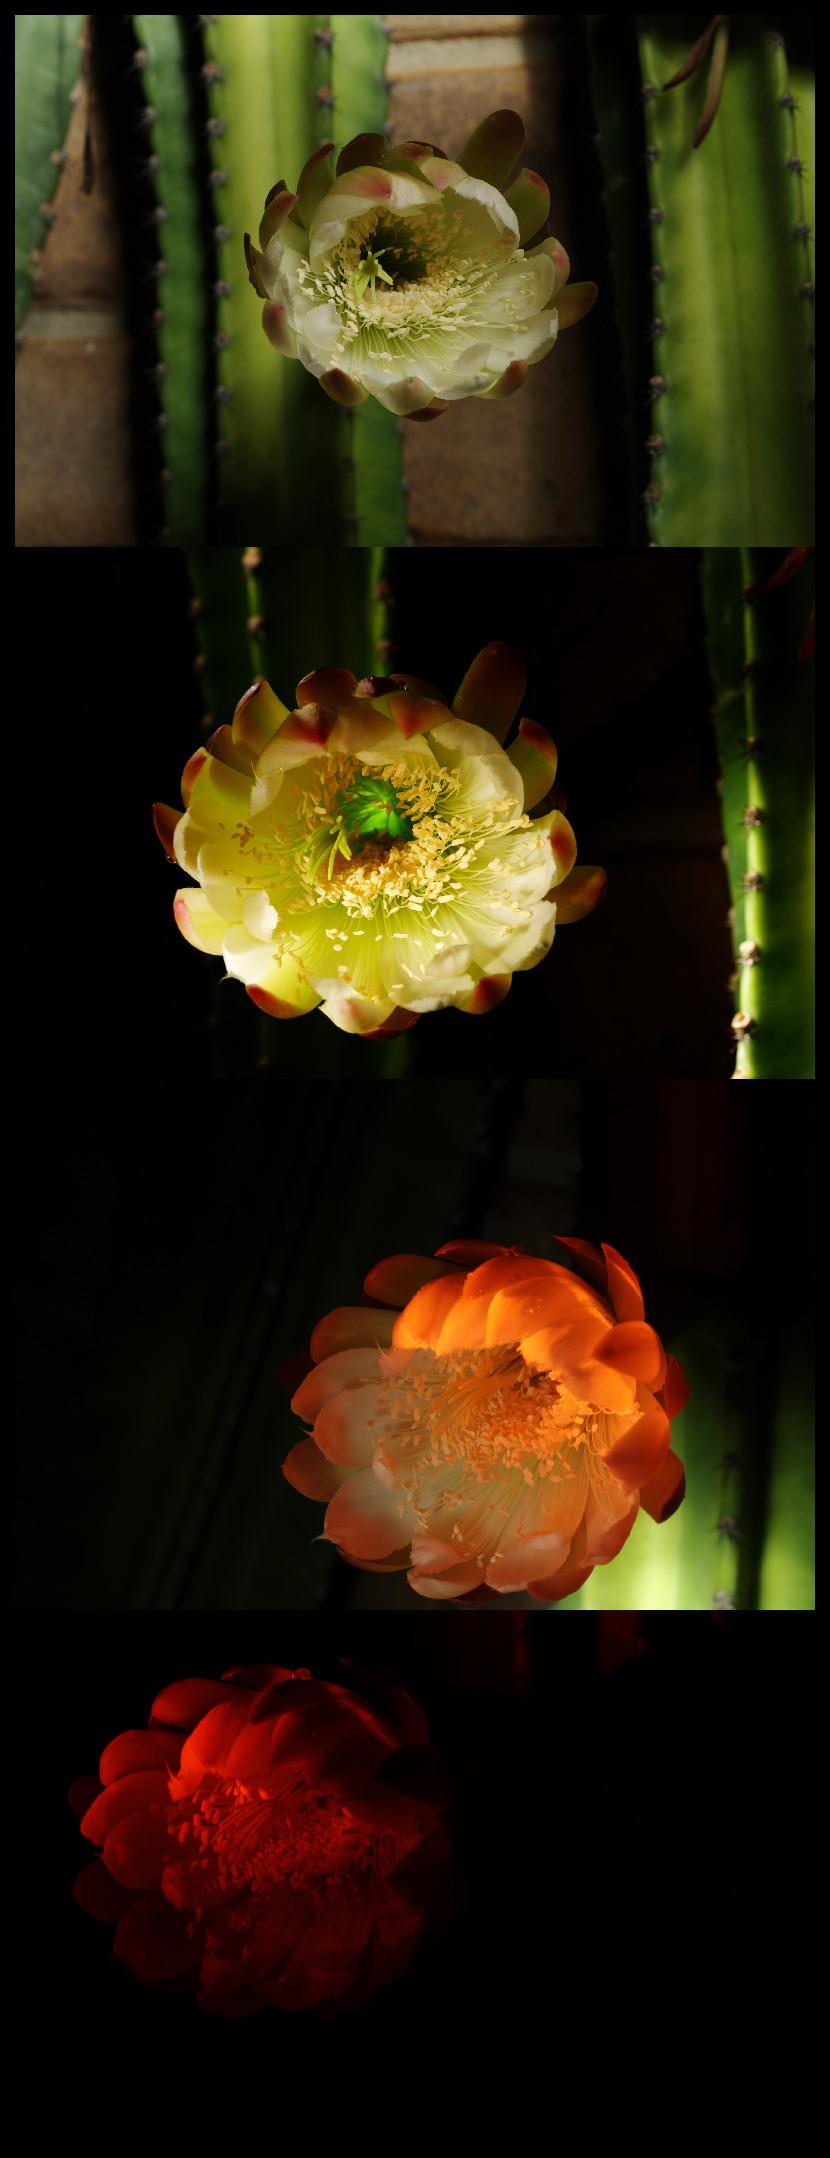 [Image: http://nfggames.com/grafx/cactus.jpg]